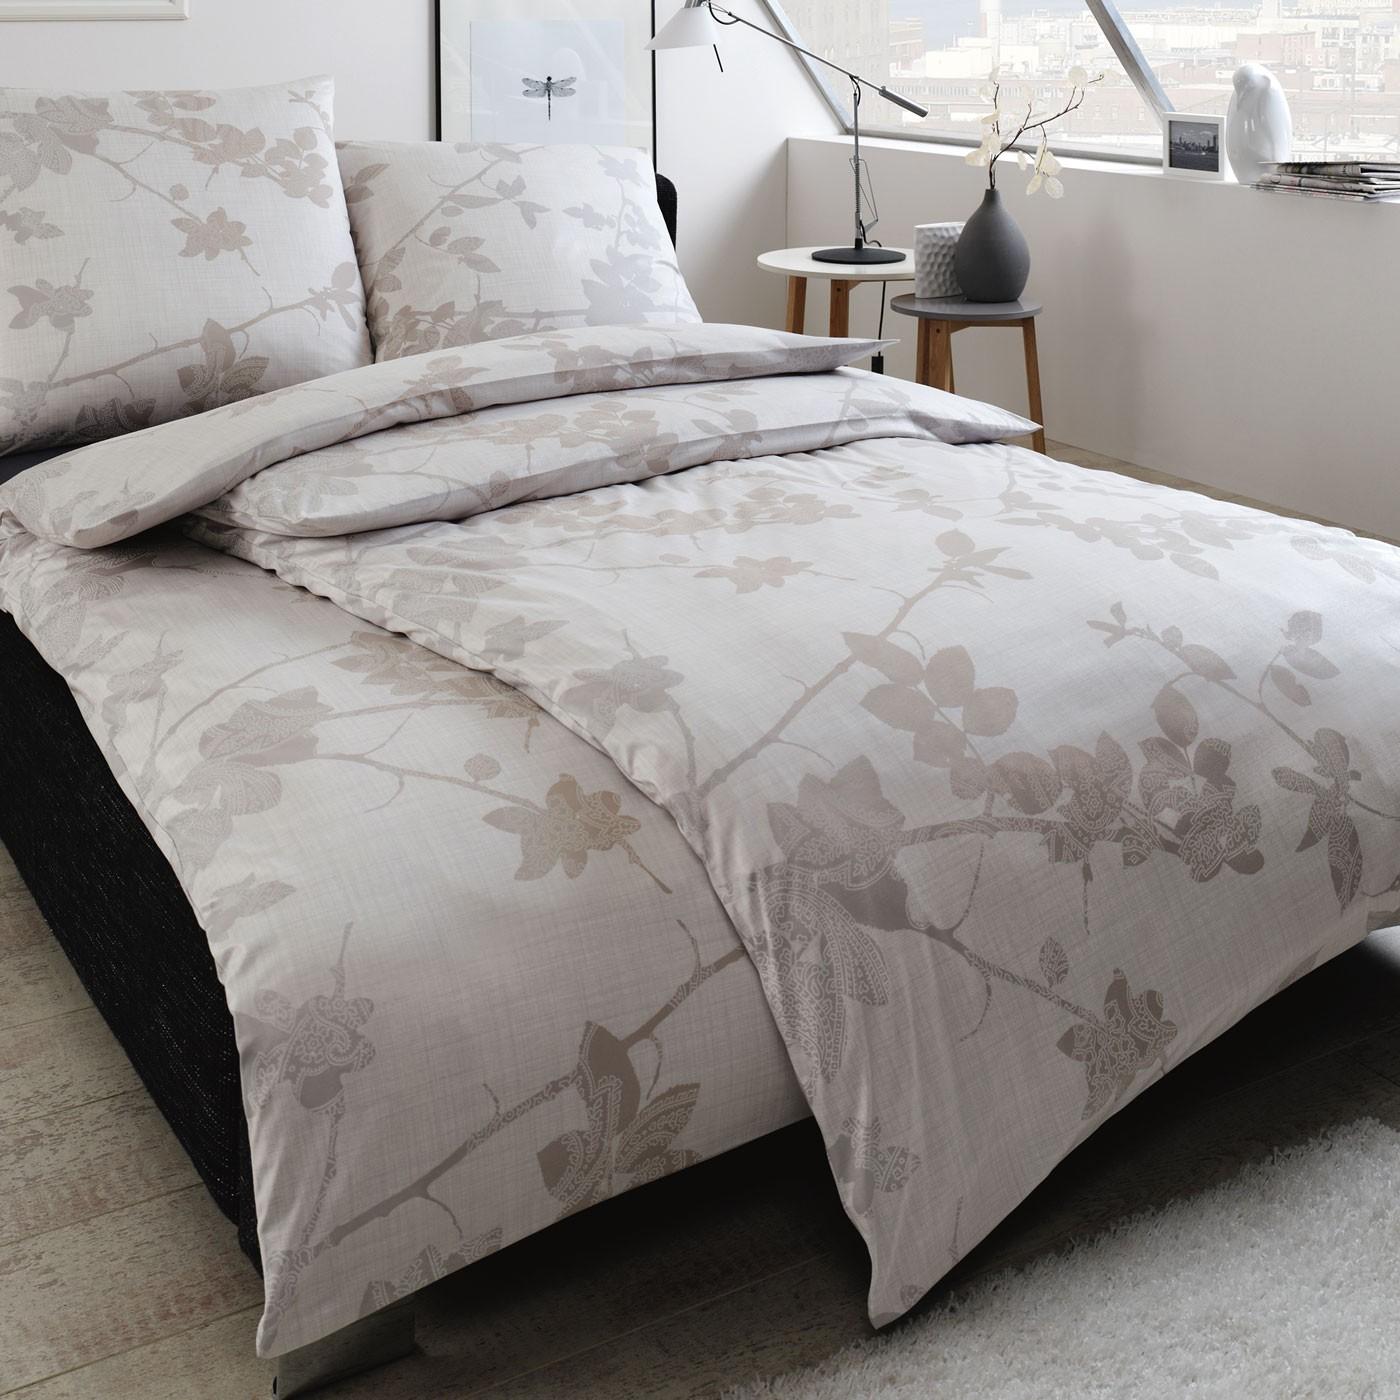 bettw sche estella eibe 6416 silber. Black Bedroom Furniture Sets. Home Design Ideas